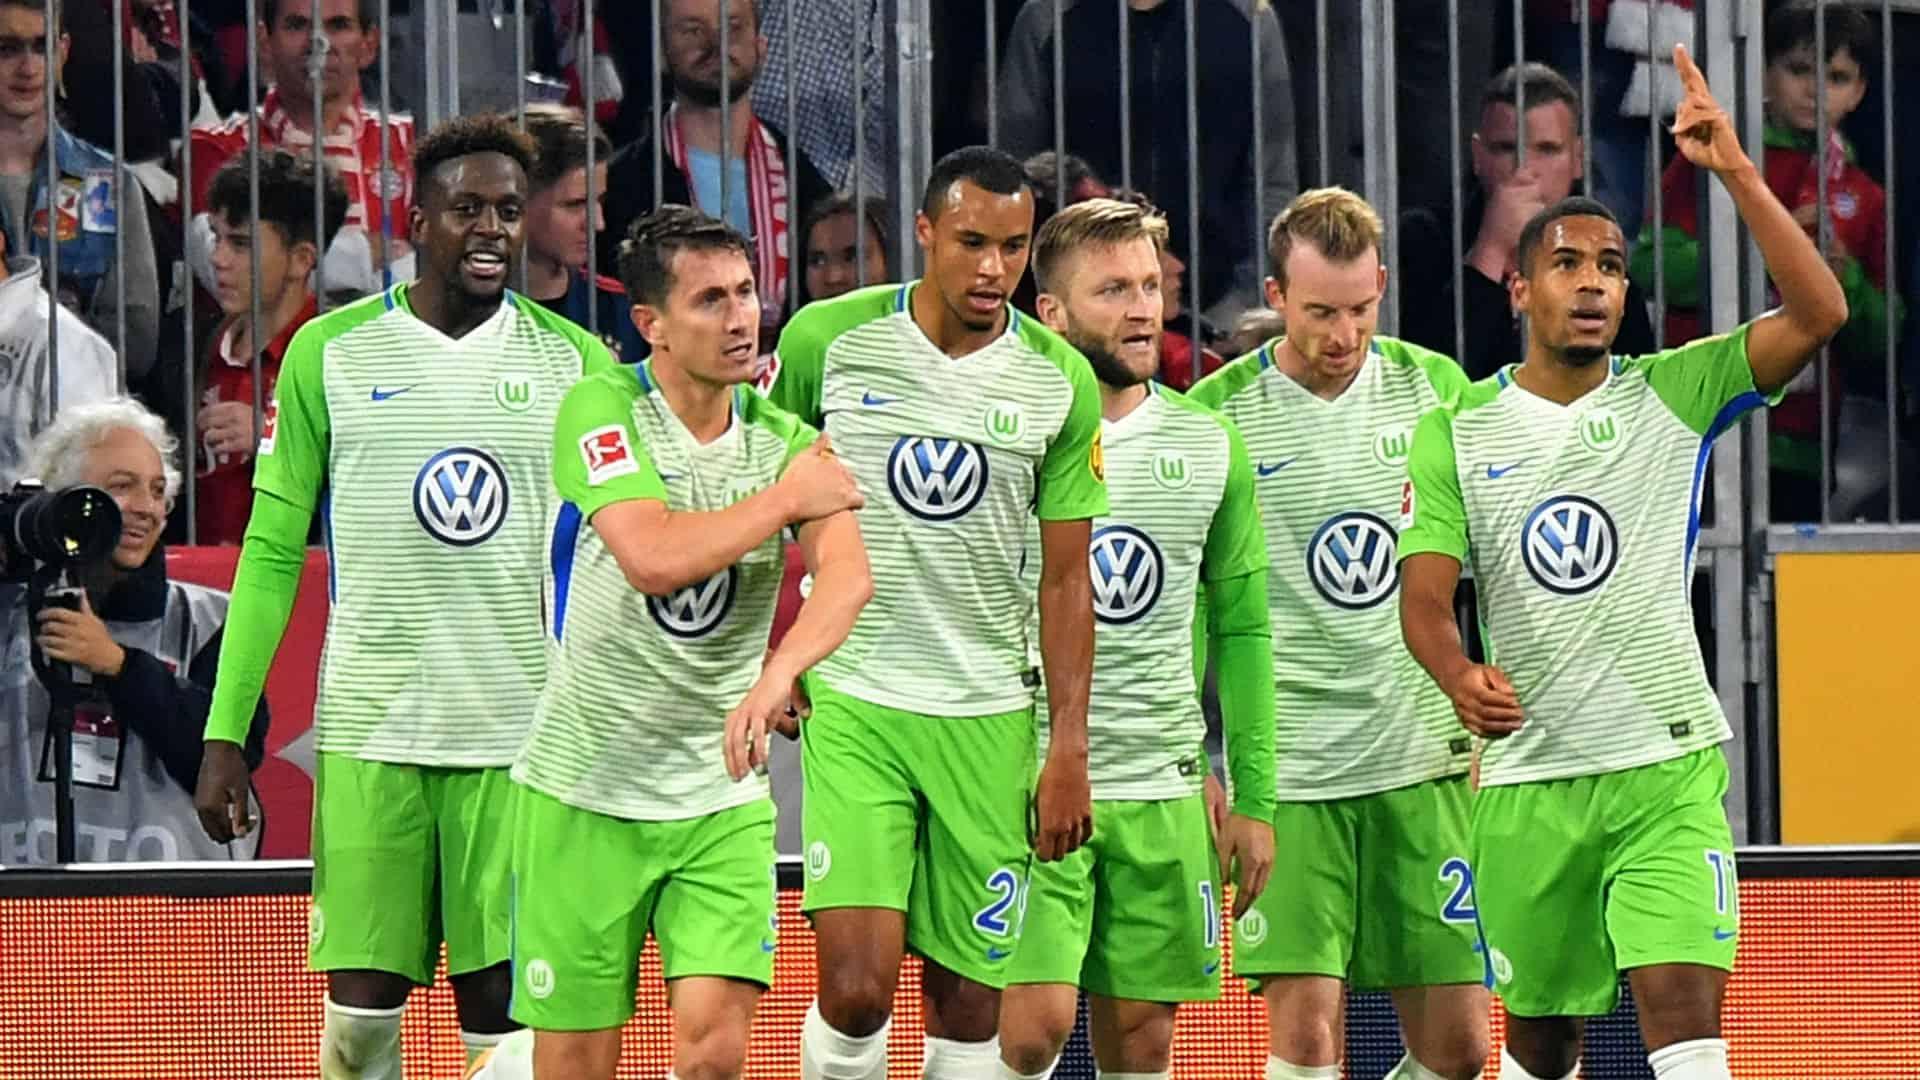 wolfsburg soccer team